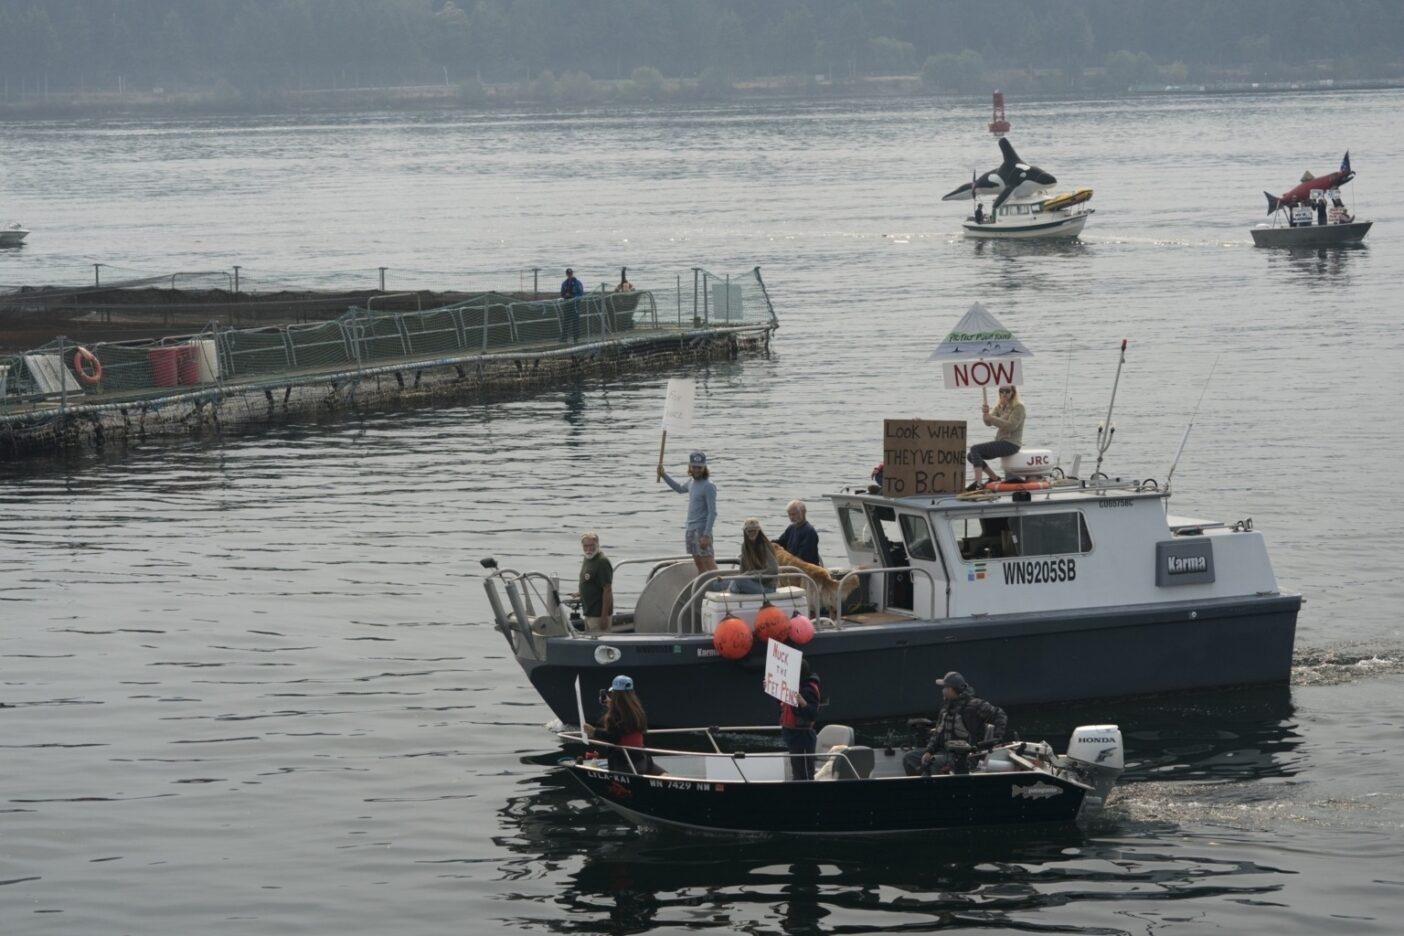 クック・アグリカルチャー社のアトランティックサーモンの囲い網がピュージェット湾の水に放流した疾病、寄生虫と汚染に抗議するため、漁業船やカヤックで乗り出した市民たち。Photo:Ben Moon